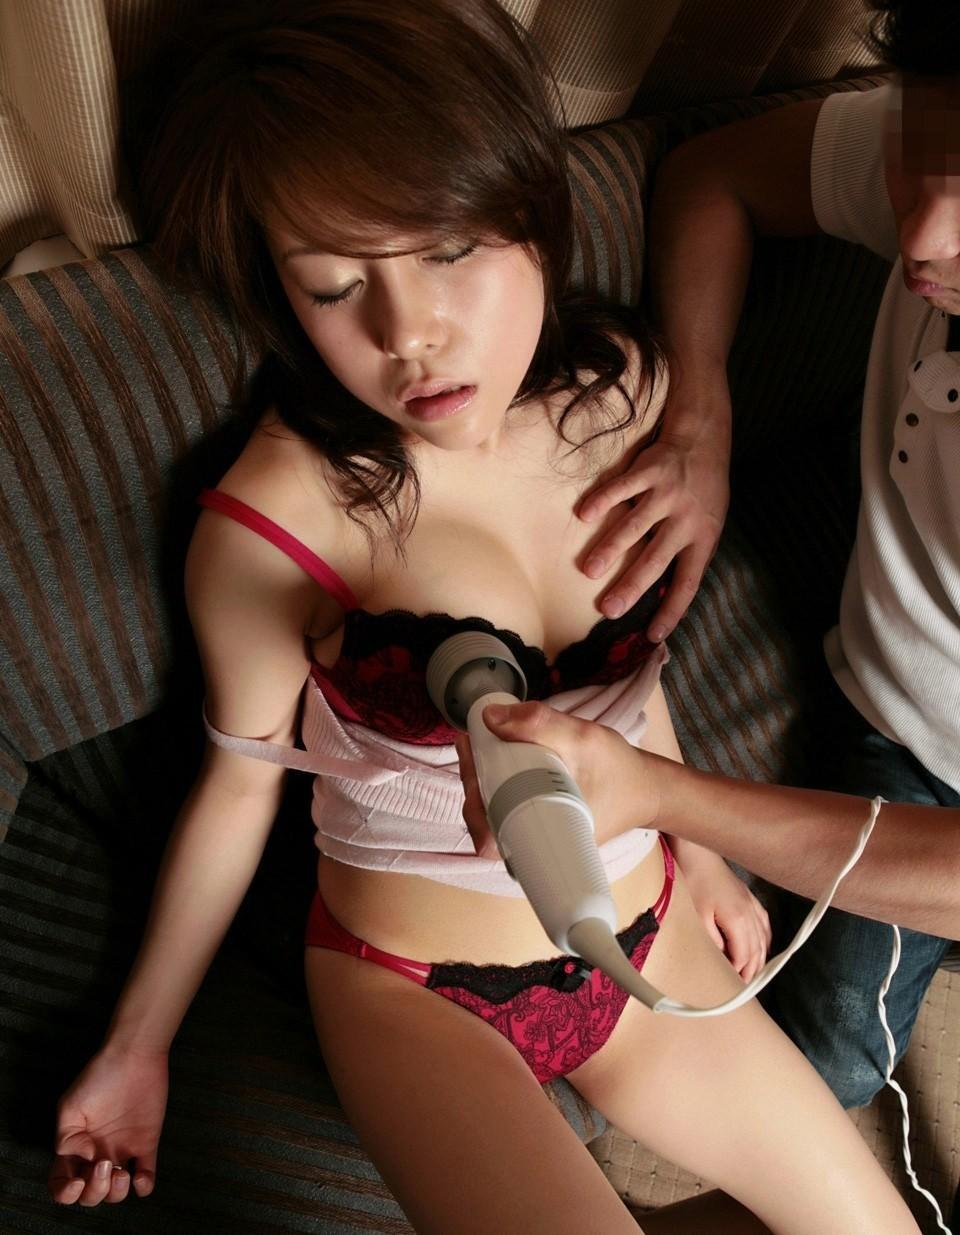 【玩具エロ画像】乳首に振動は相性抜群!玩具でイタズラされるおっぱいwww 02